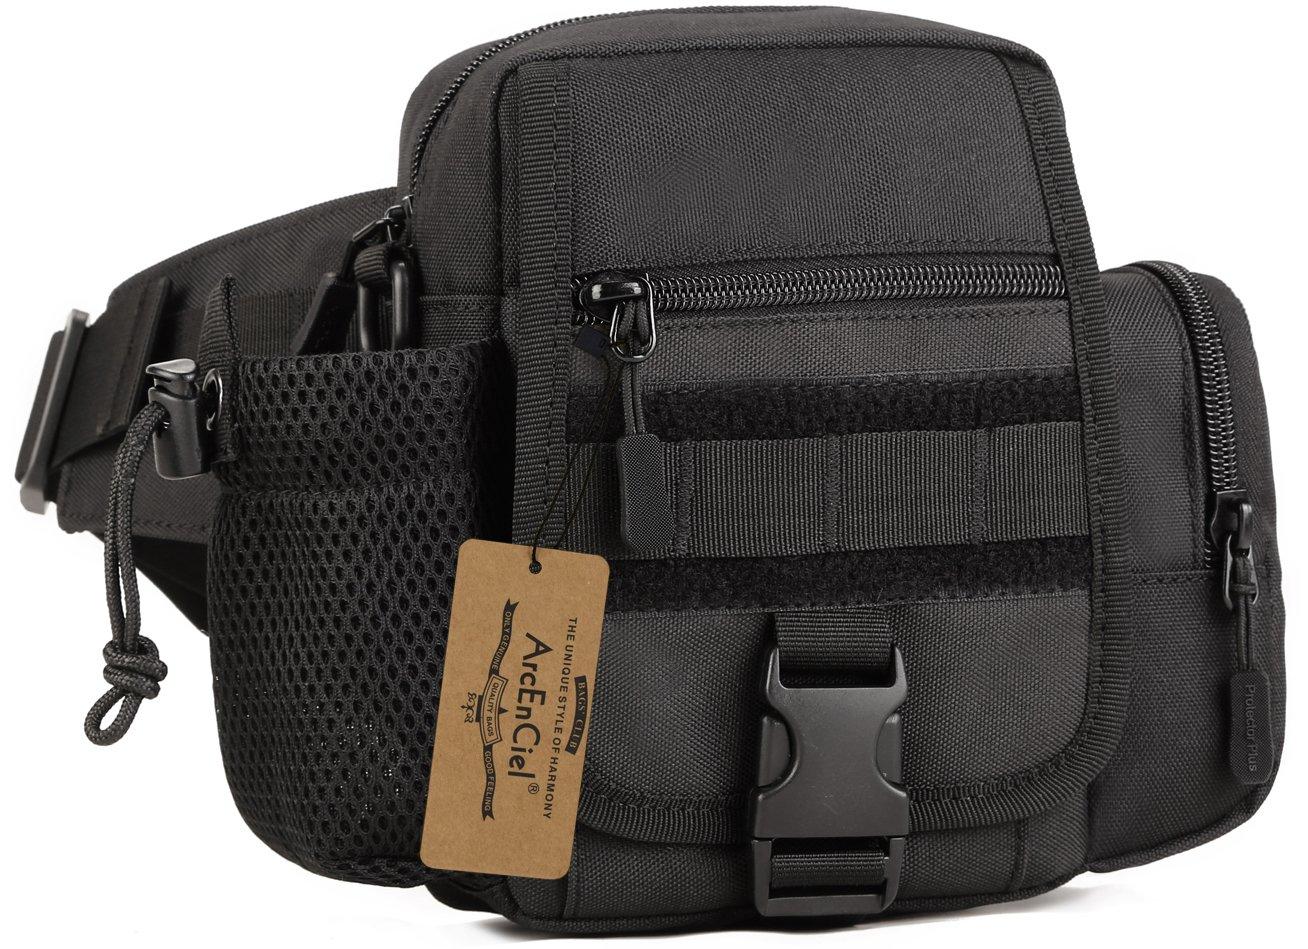 ArcEnCiel Tactical Fanny Pack Waist Bag Military Hip Belt Outdoor Bumbag with Water Bottle Pocket Holder